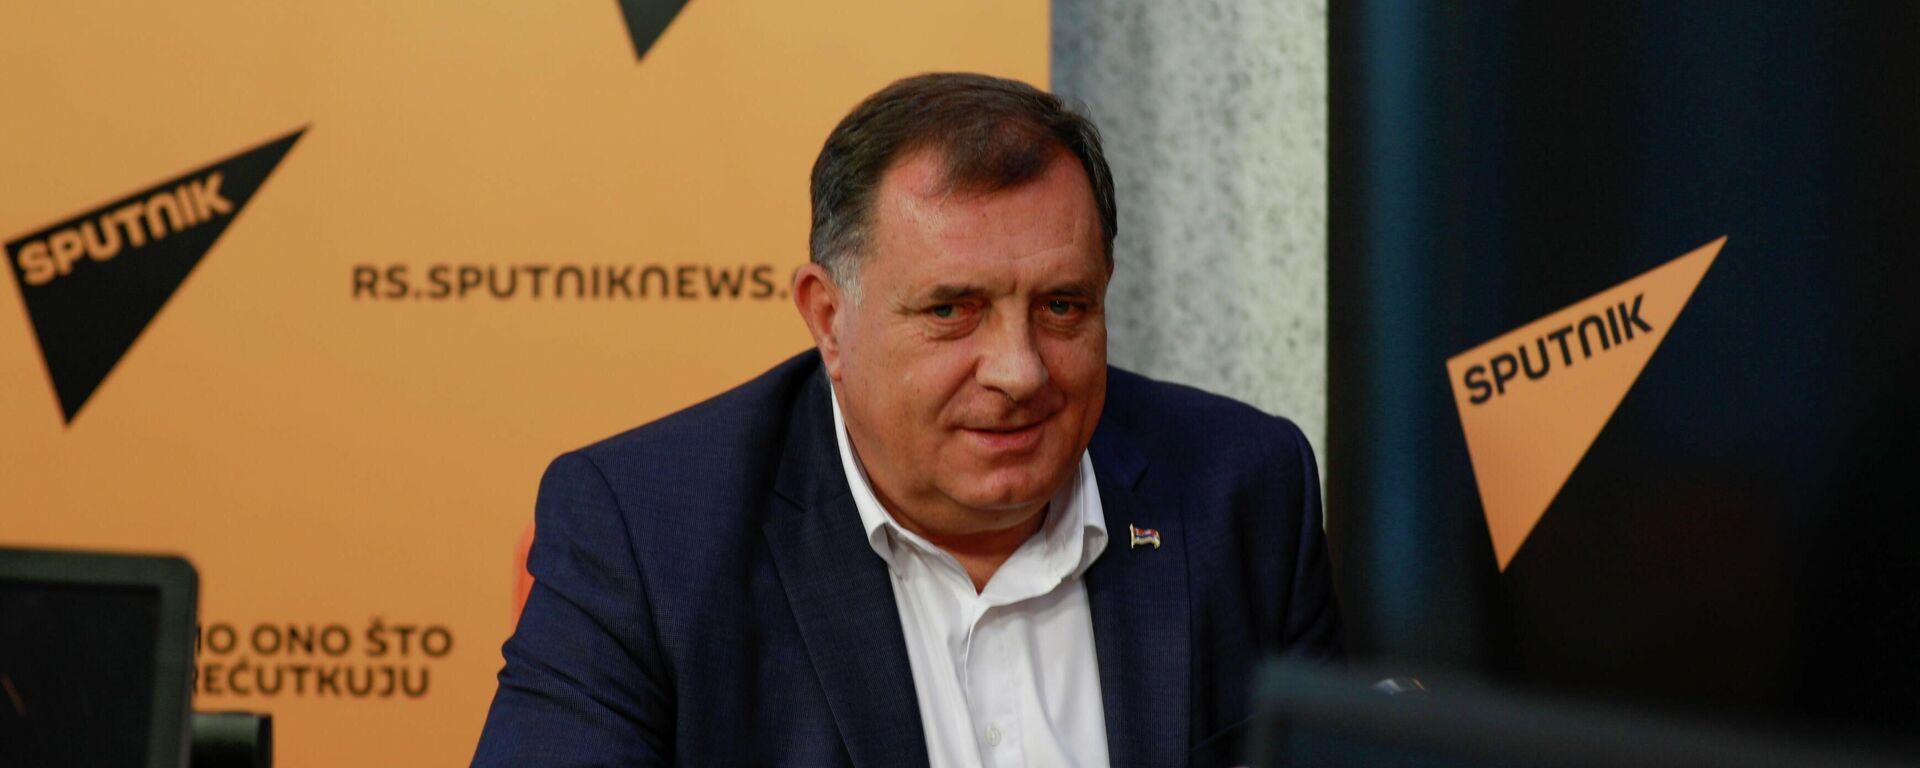 Милорад Додик, гост емисије Од четвртка до четвртка, 12.08.2021. - Sputnik Србија, 1920, 12.08.2021